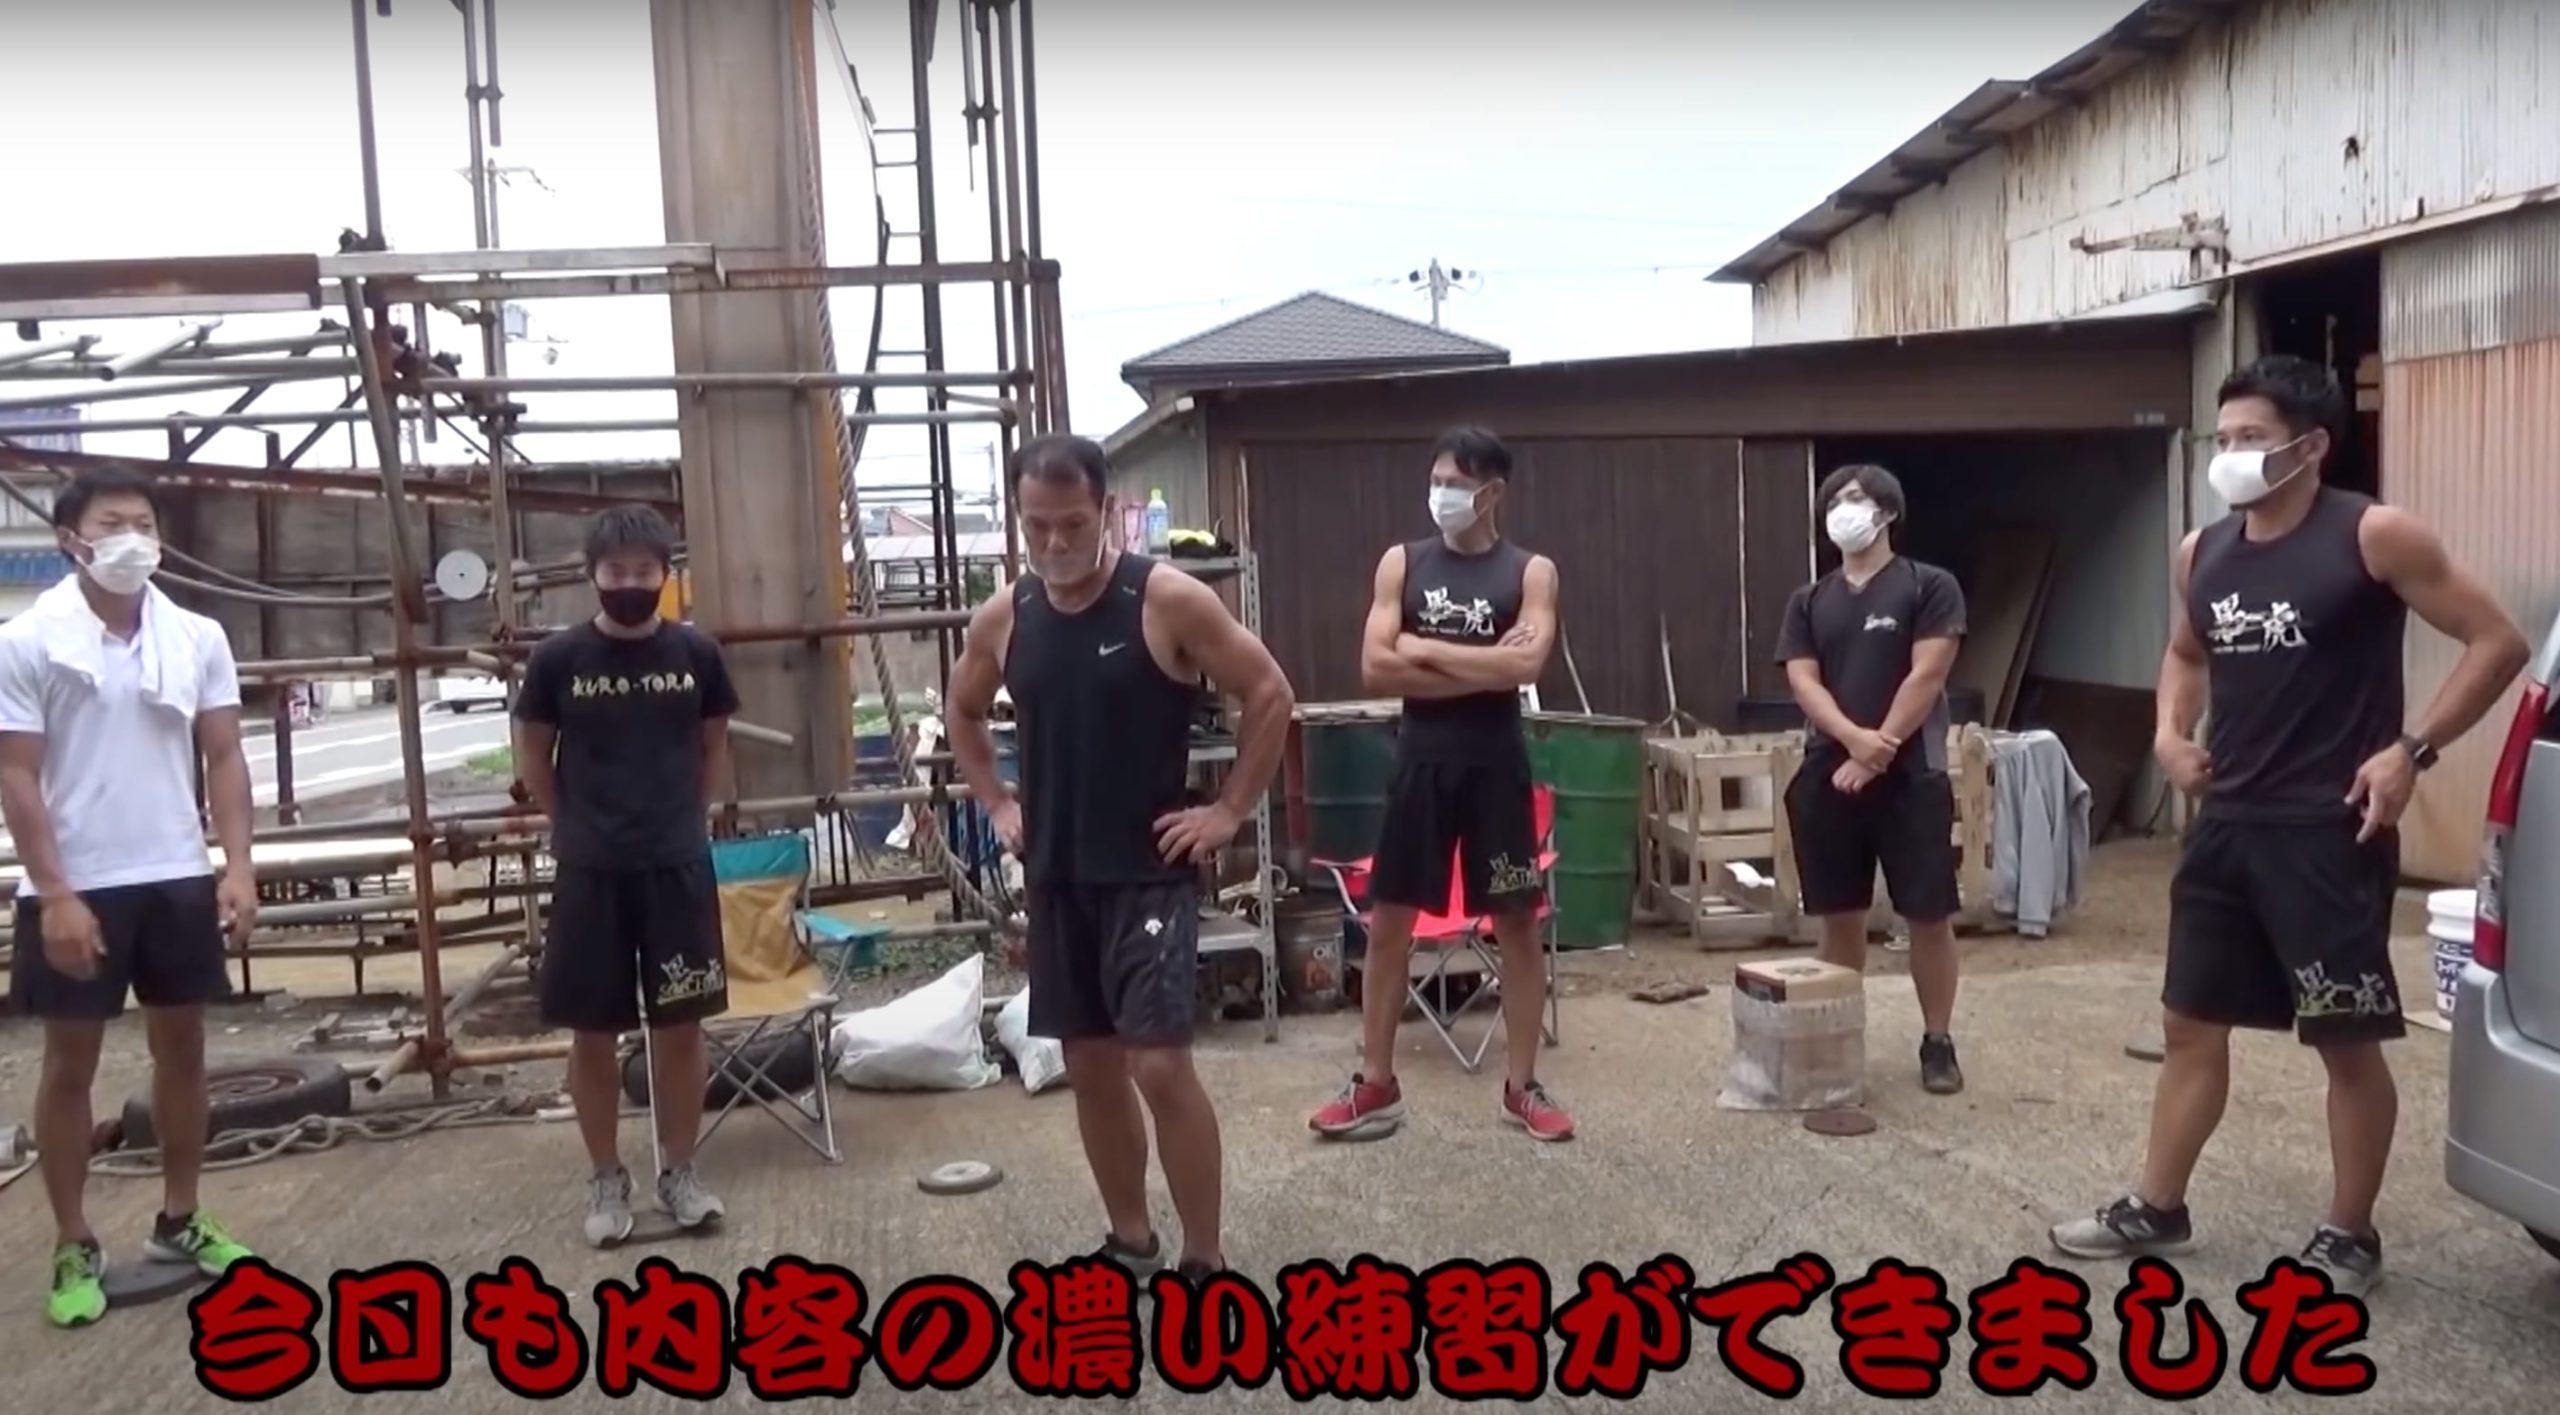 山田勝己の鉄工所の住所(場所)と自宅練習場